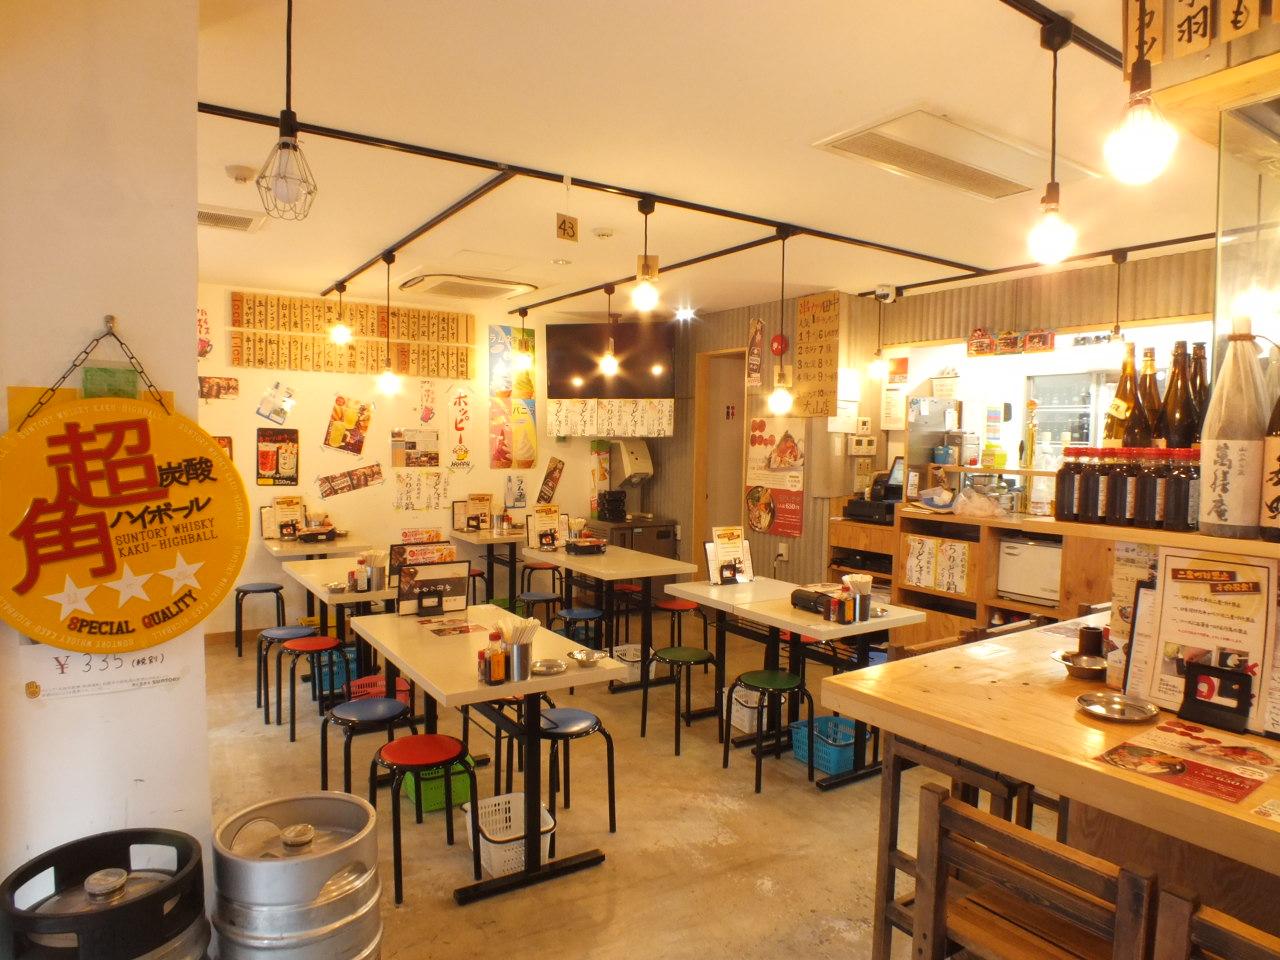 串カツ田中 三軒茶屋店のイメージ写真